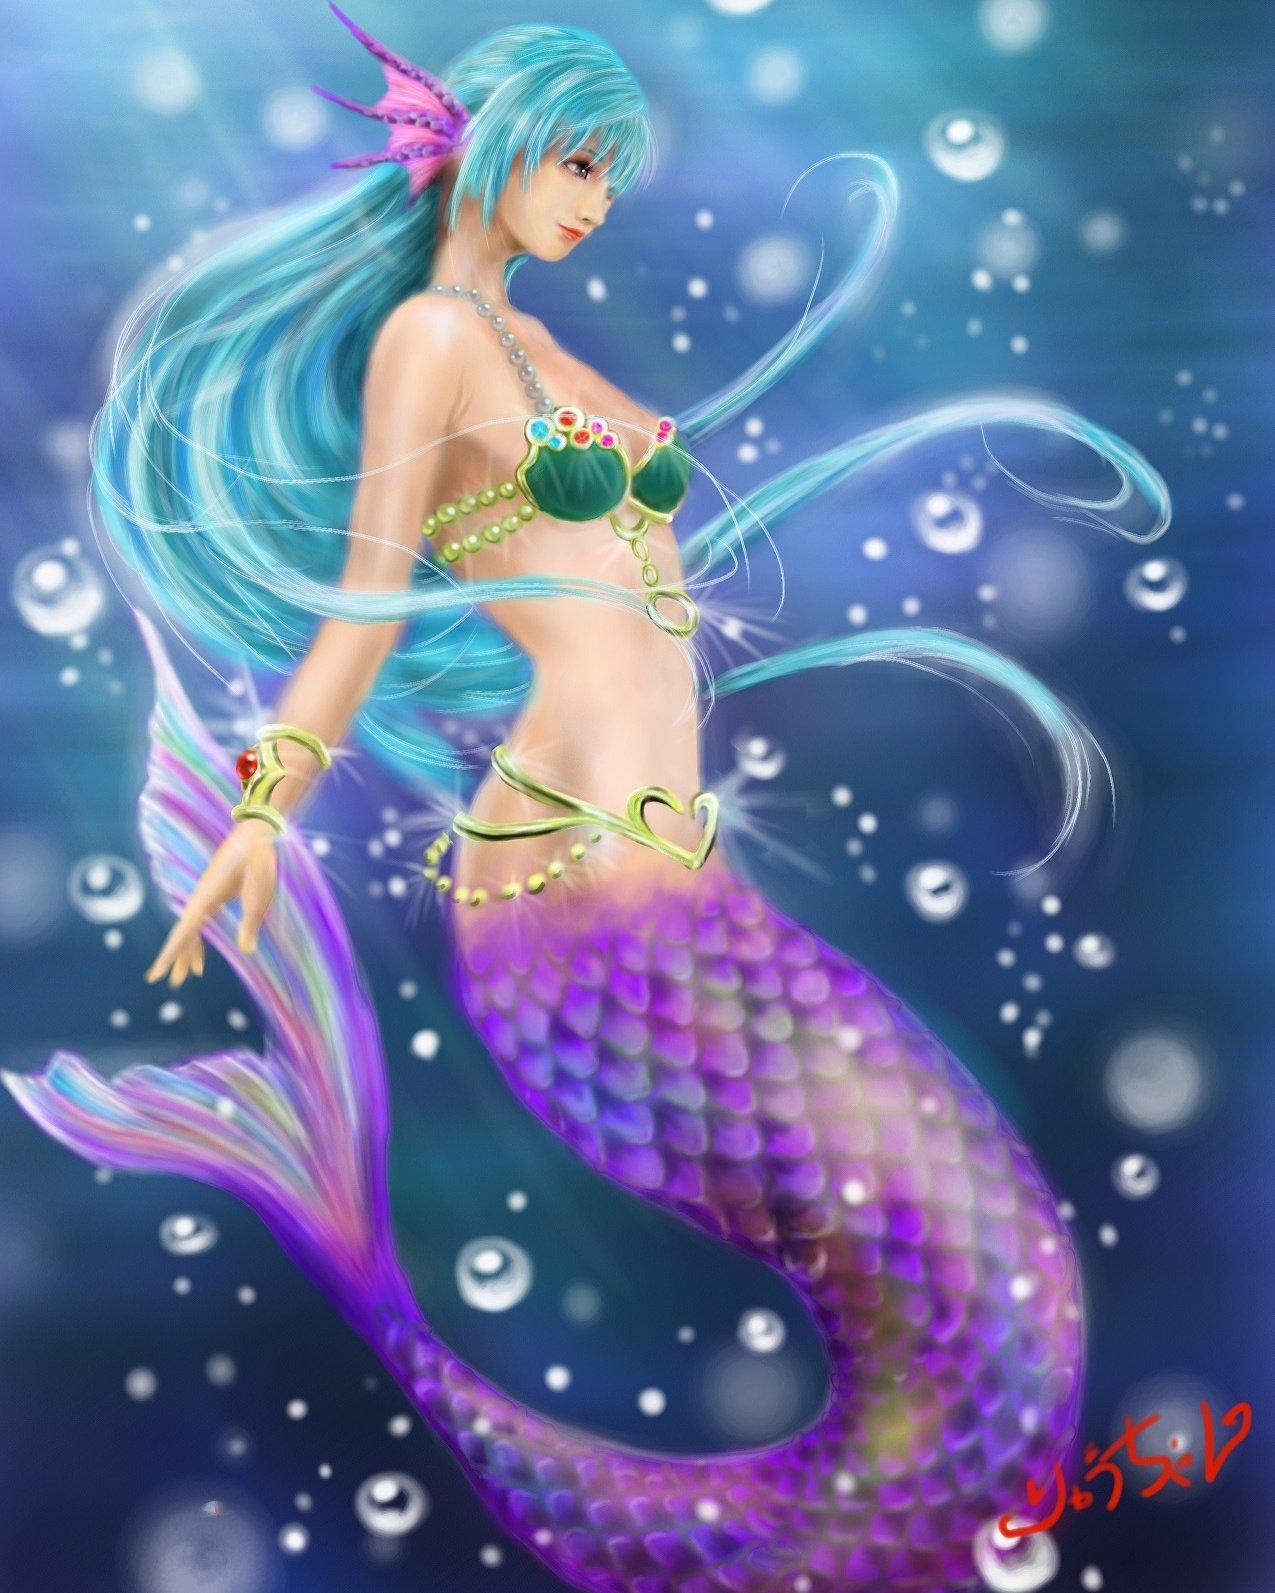 世界上真的有美人鱼吗 美人鱼真实照片吓人